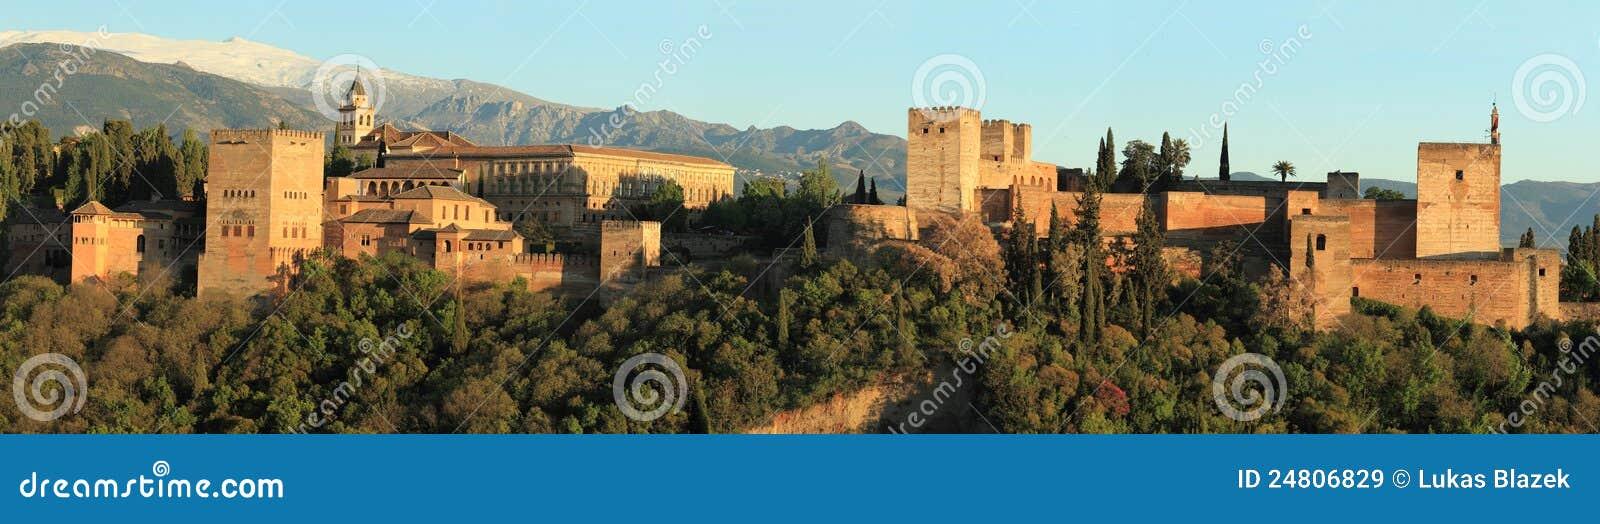 Alhambra panorama